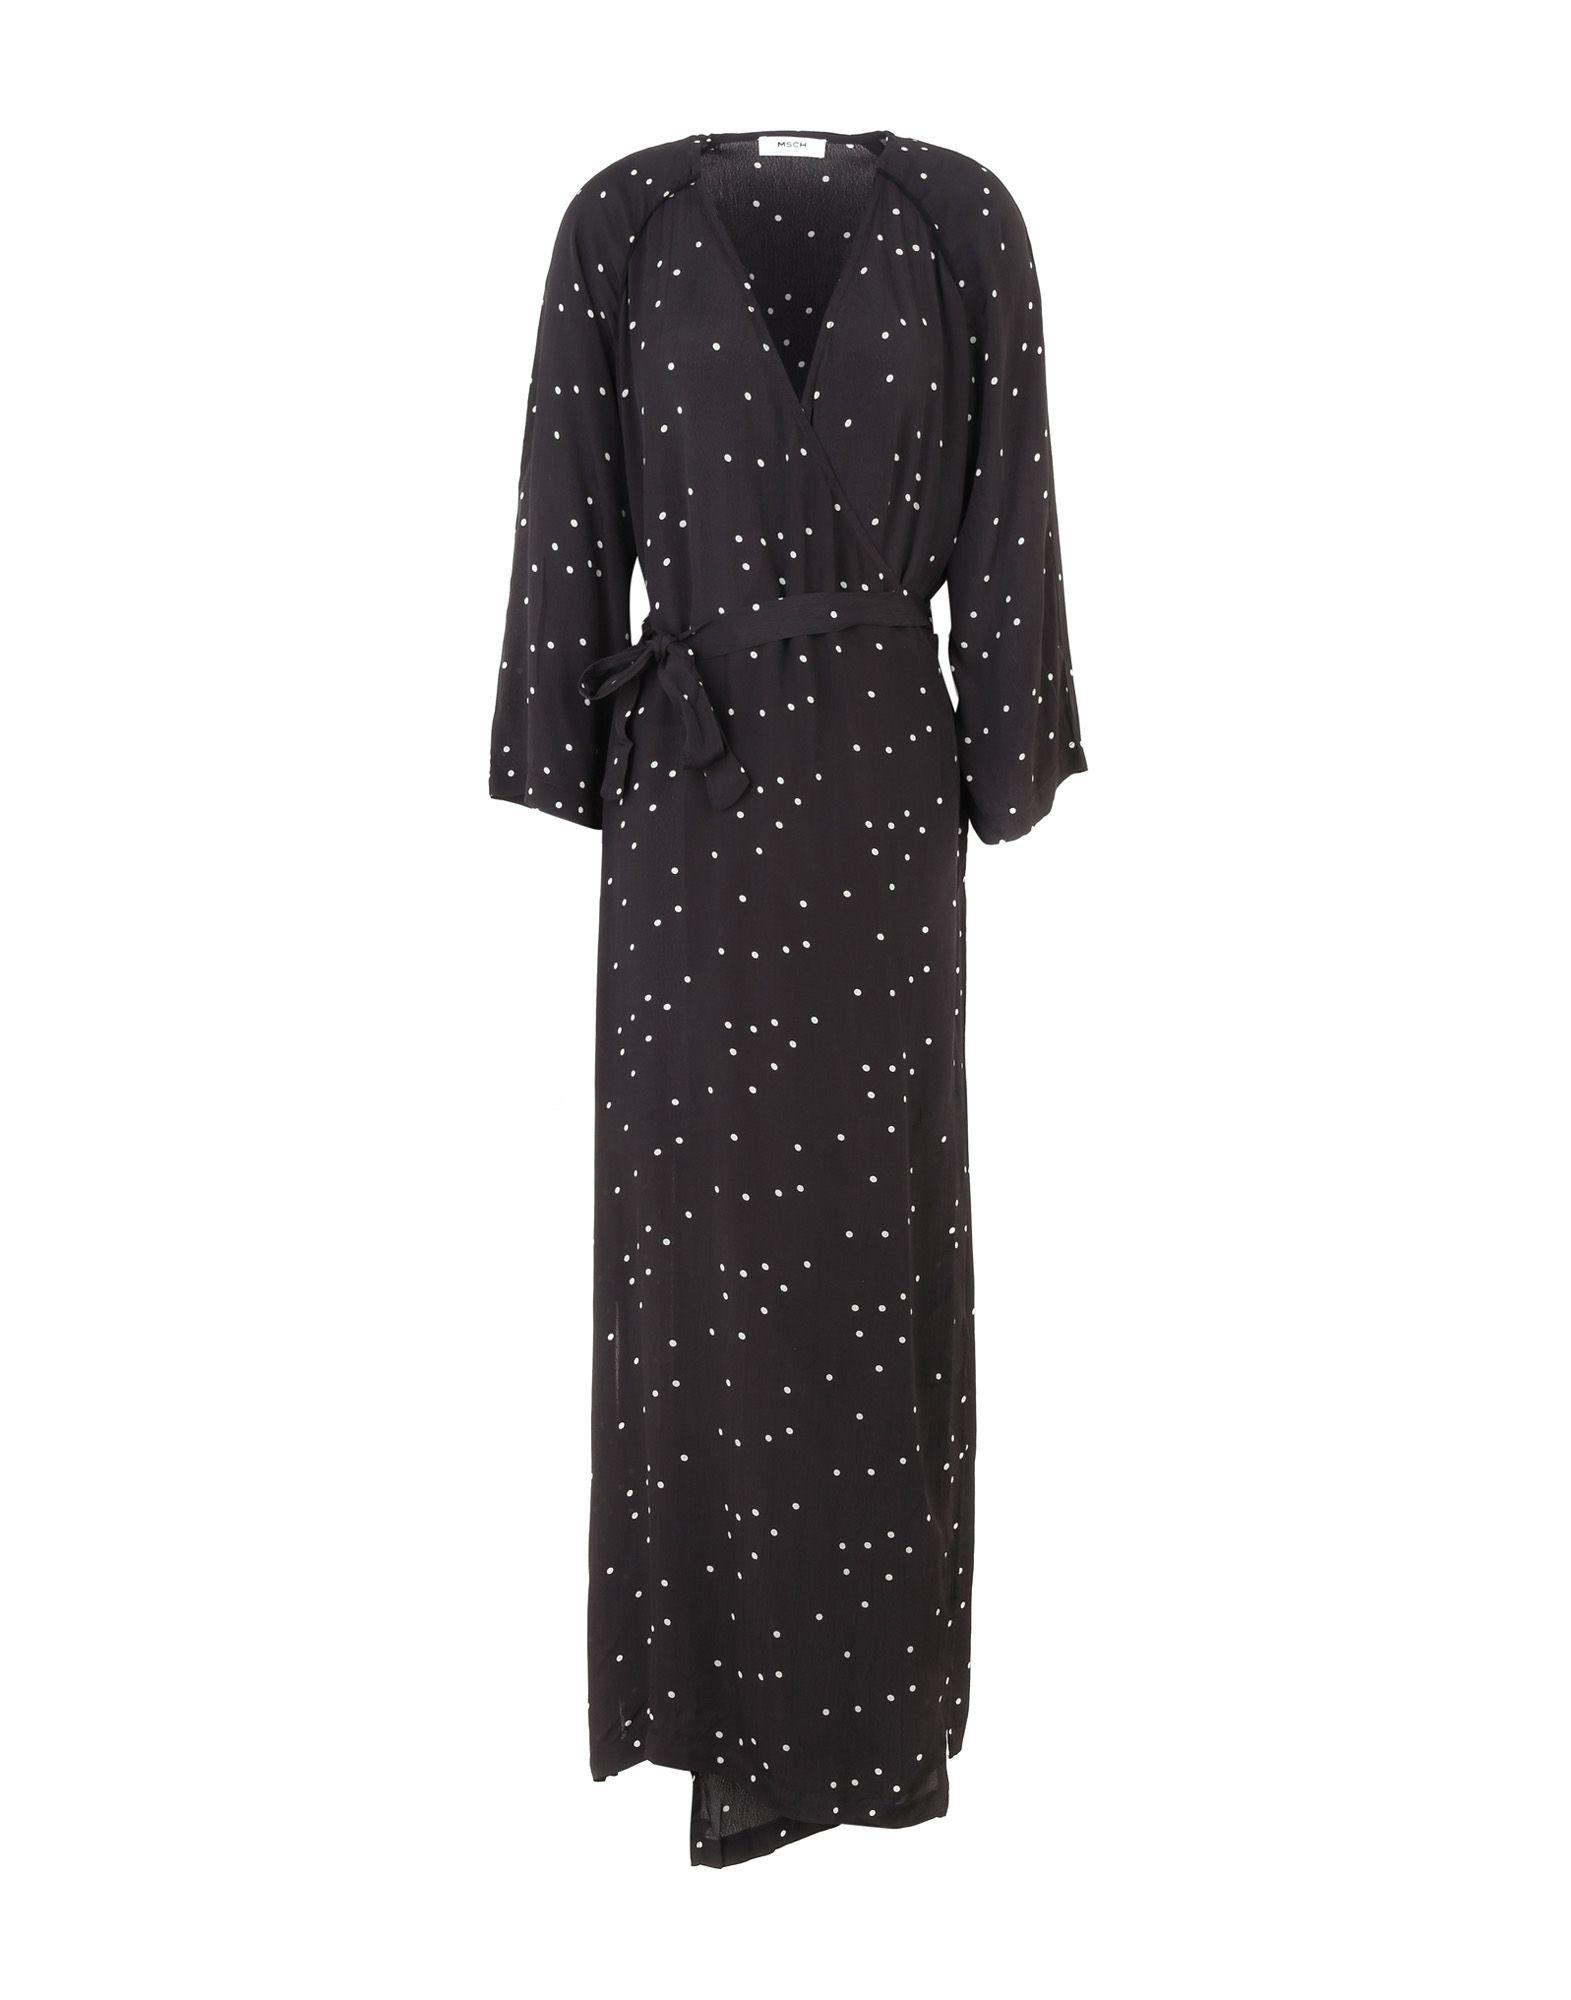 《送料無料》MOSS COPENHAGEN レディース ロングワンピース&ドレス ブラック XS レーヨン 100% Spirit Dress